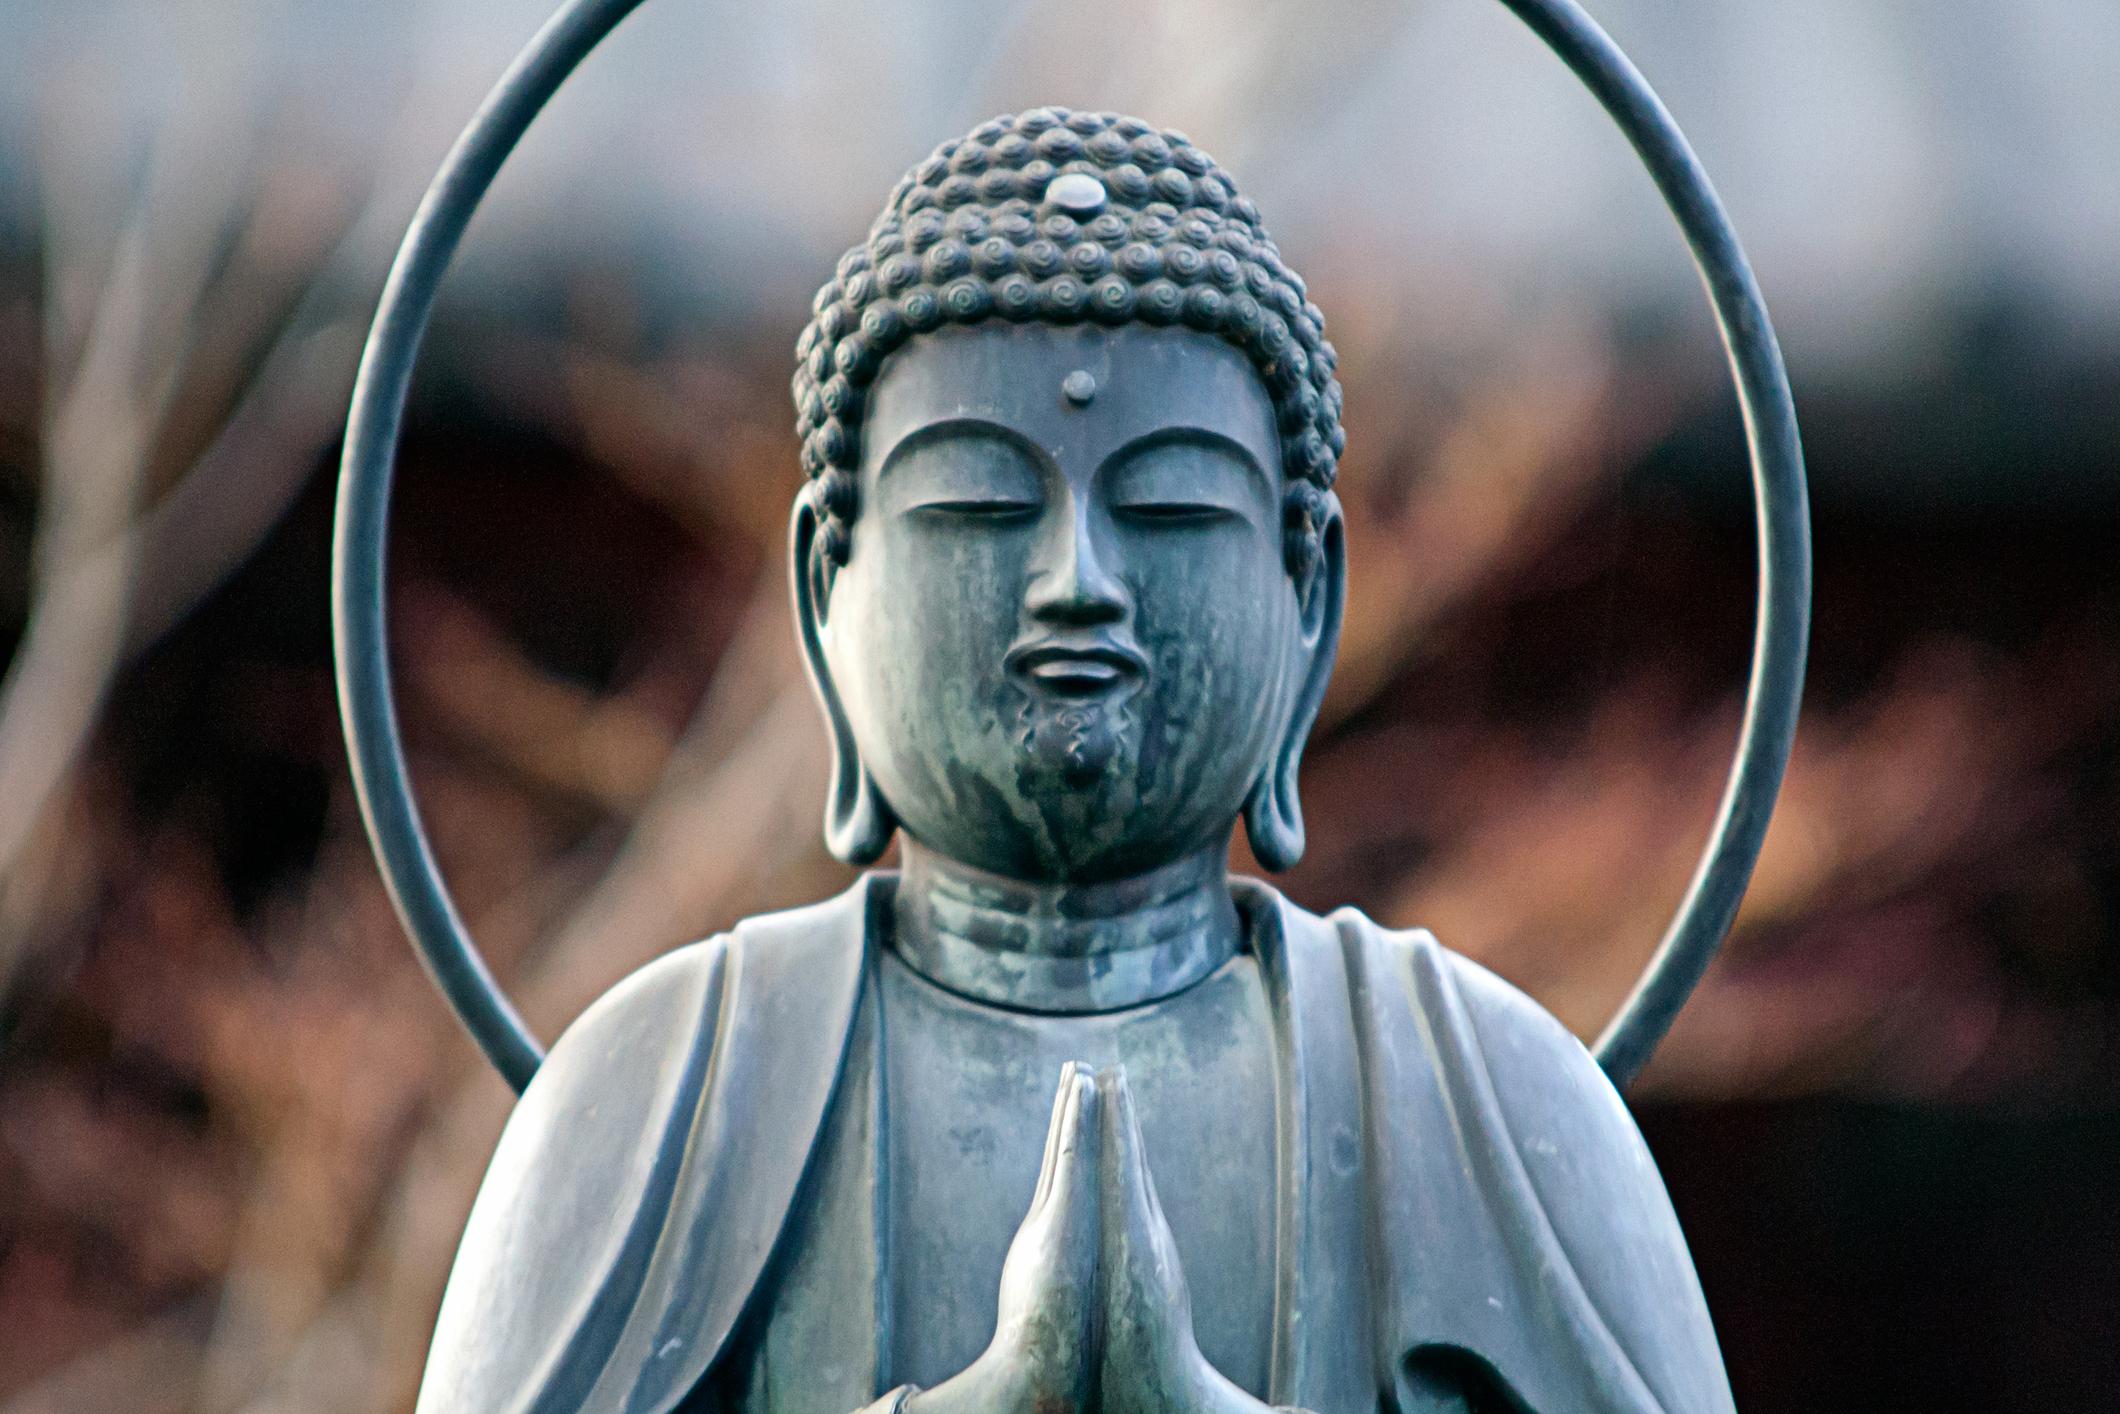 Ahorra con la economía budista